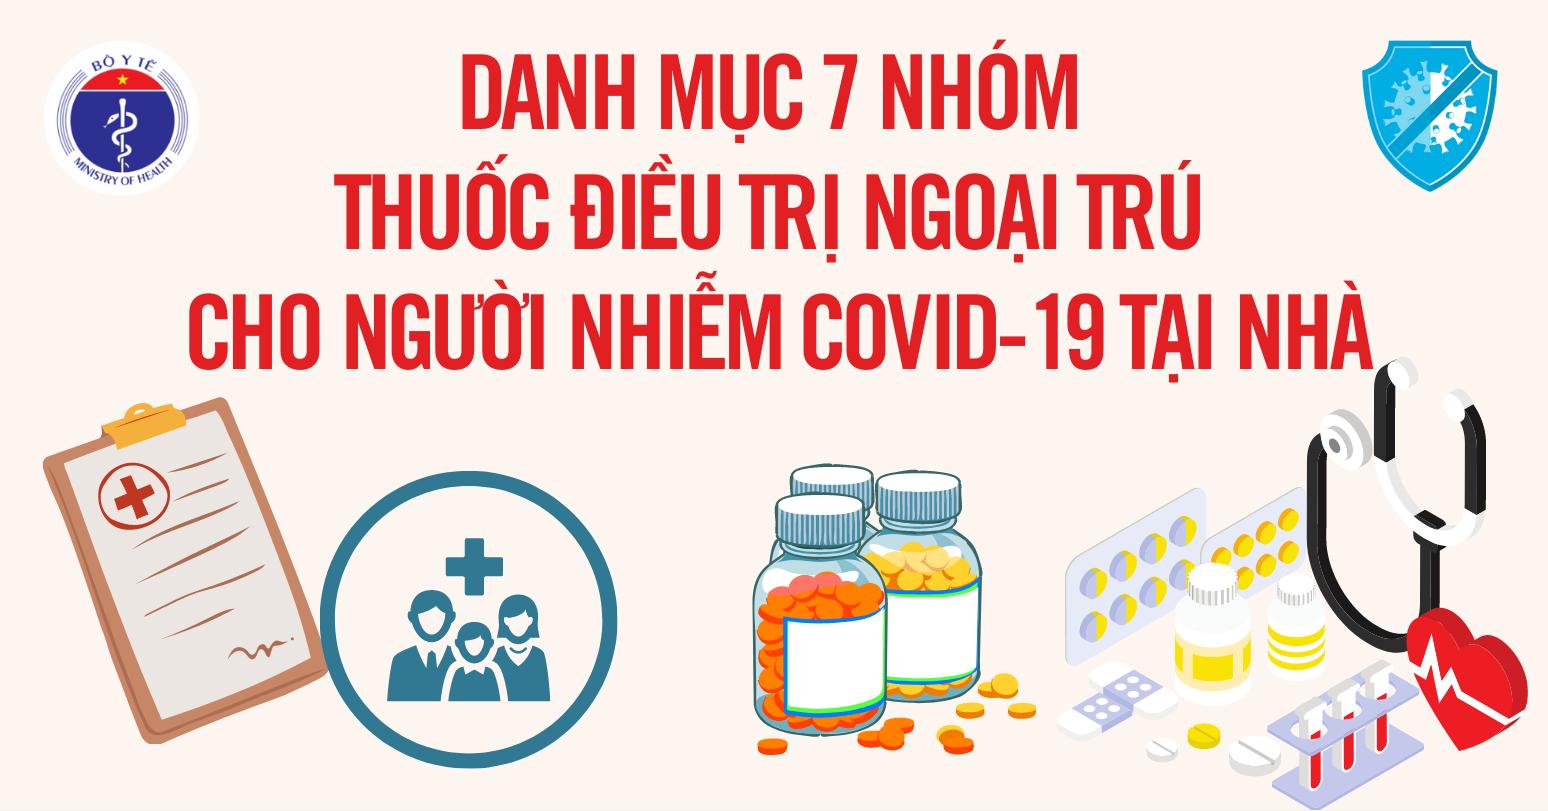 [Infographic] Danh mục 7 nhóm thuốc điều trị ngoại trú cho người nhiễm Covid-19 tại nhà